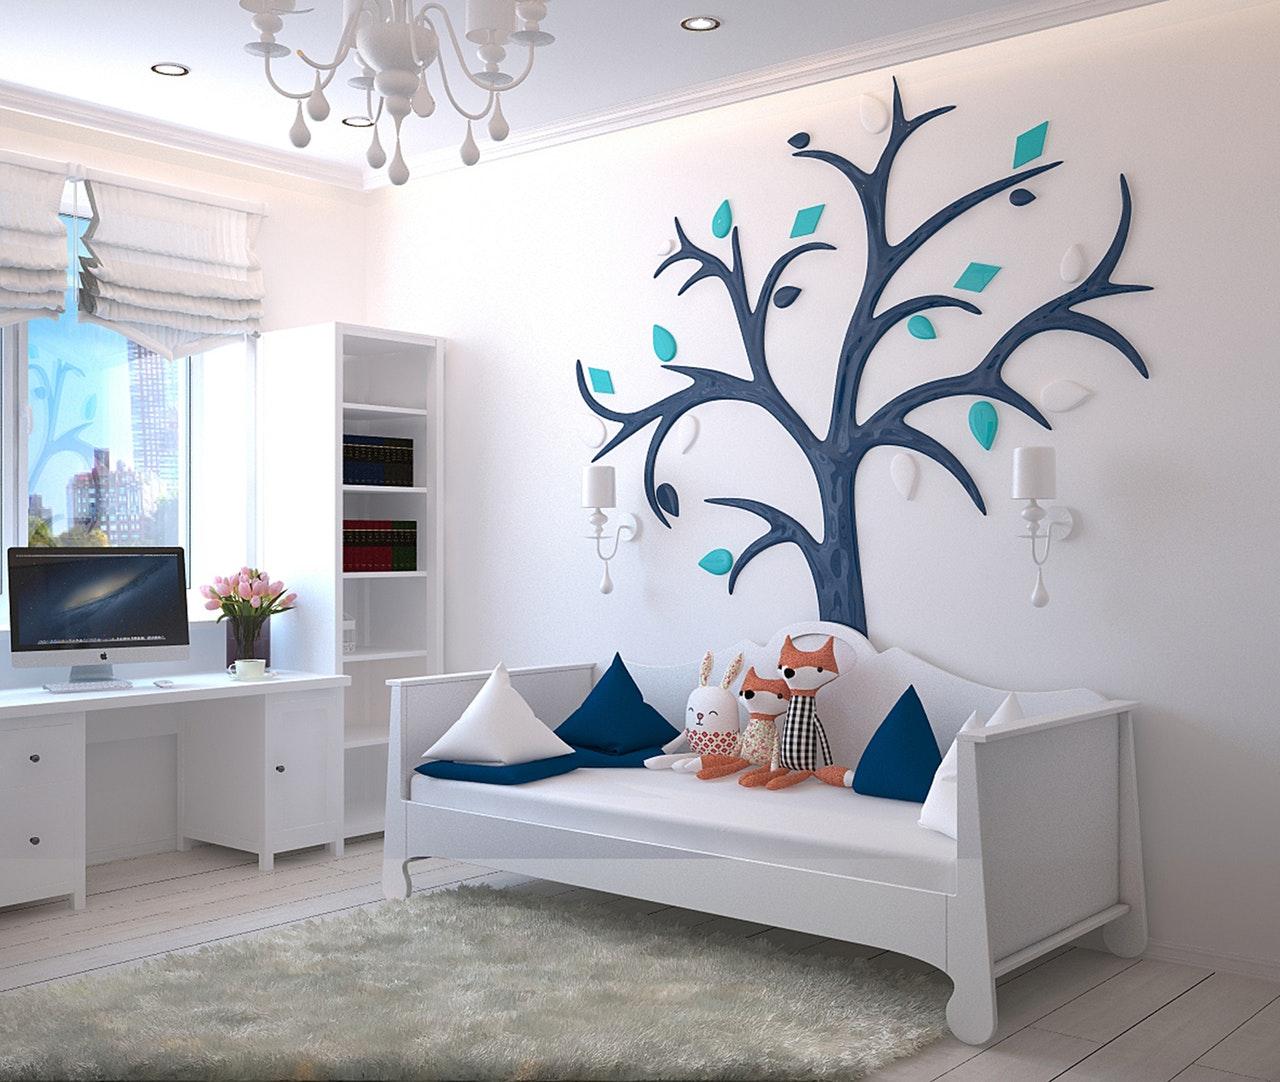 Tagesbetten kommen gerne auch in Kinder- & Jugendzimmer zum Einsatz.